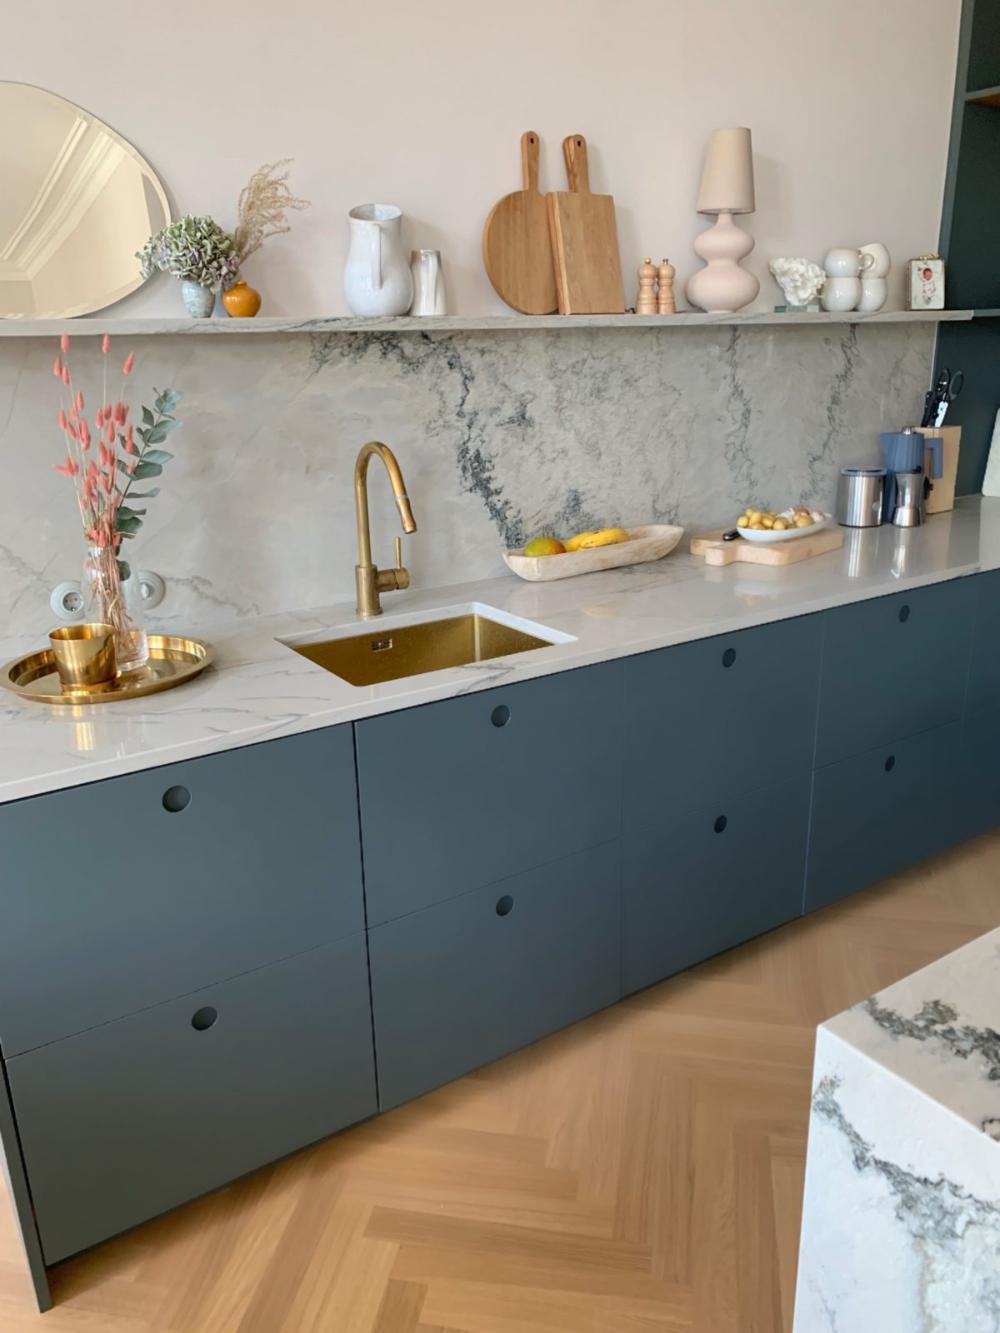 Wohnungskolumne: Meine Kitchen Story – So planten wir unsere Traumküche mit Reform (Teil1